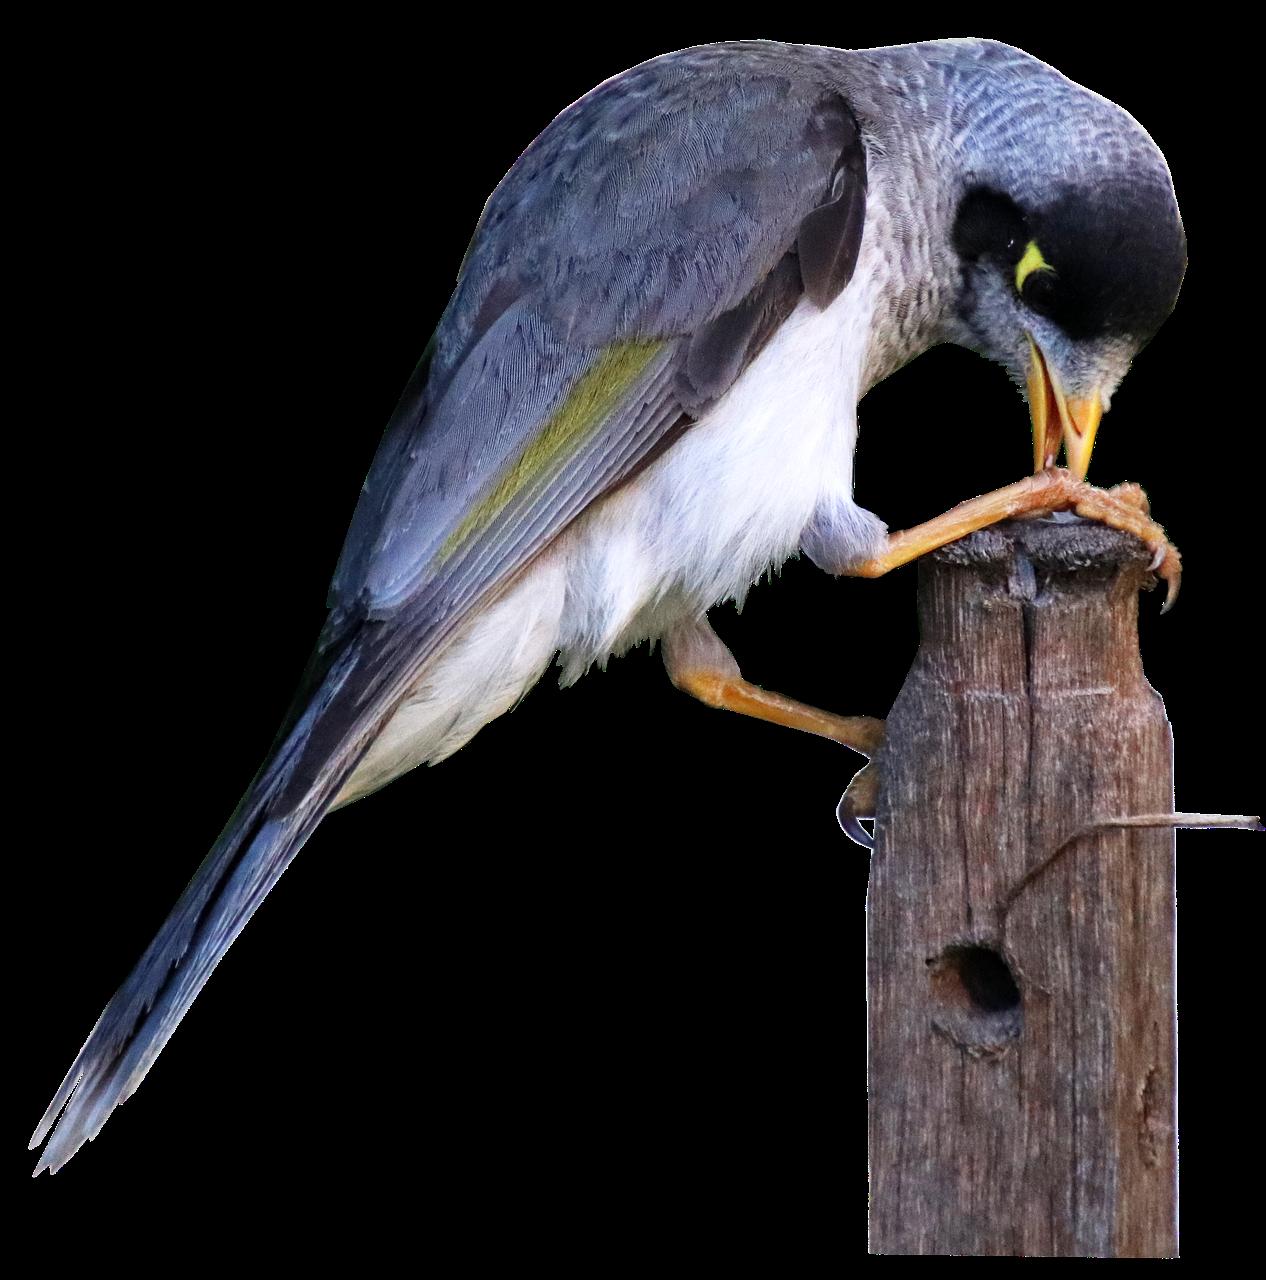 鳥 騒々しい鉱夫 ミツスイ科 - Pixabayの無料写真